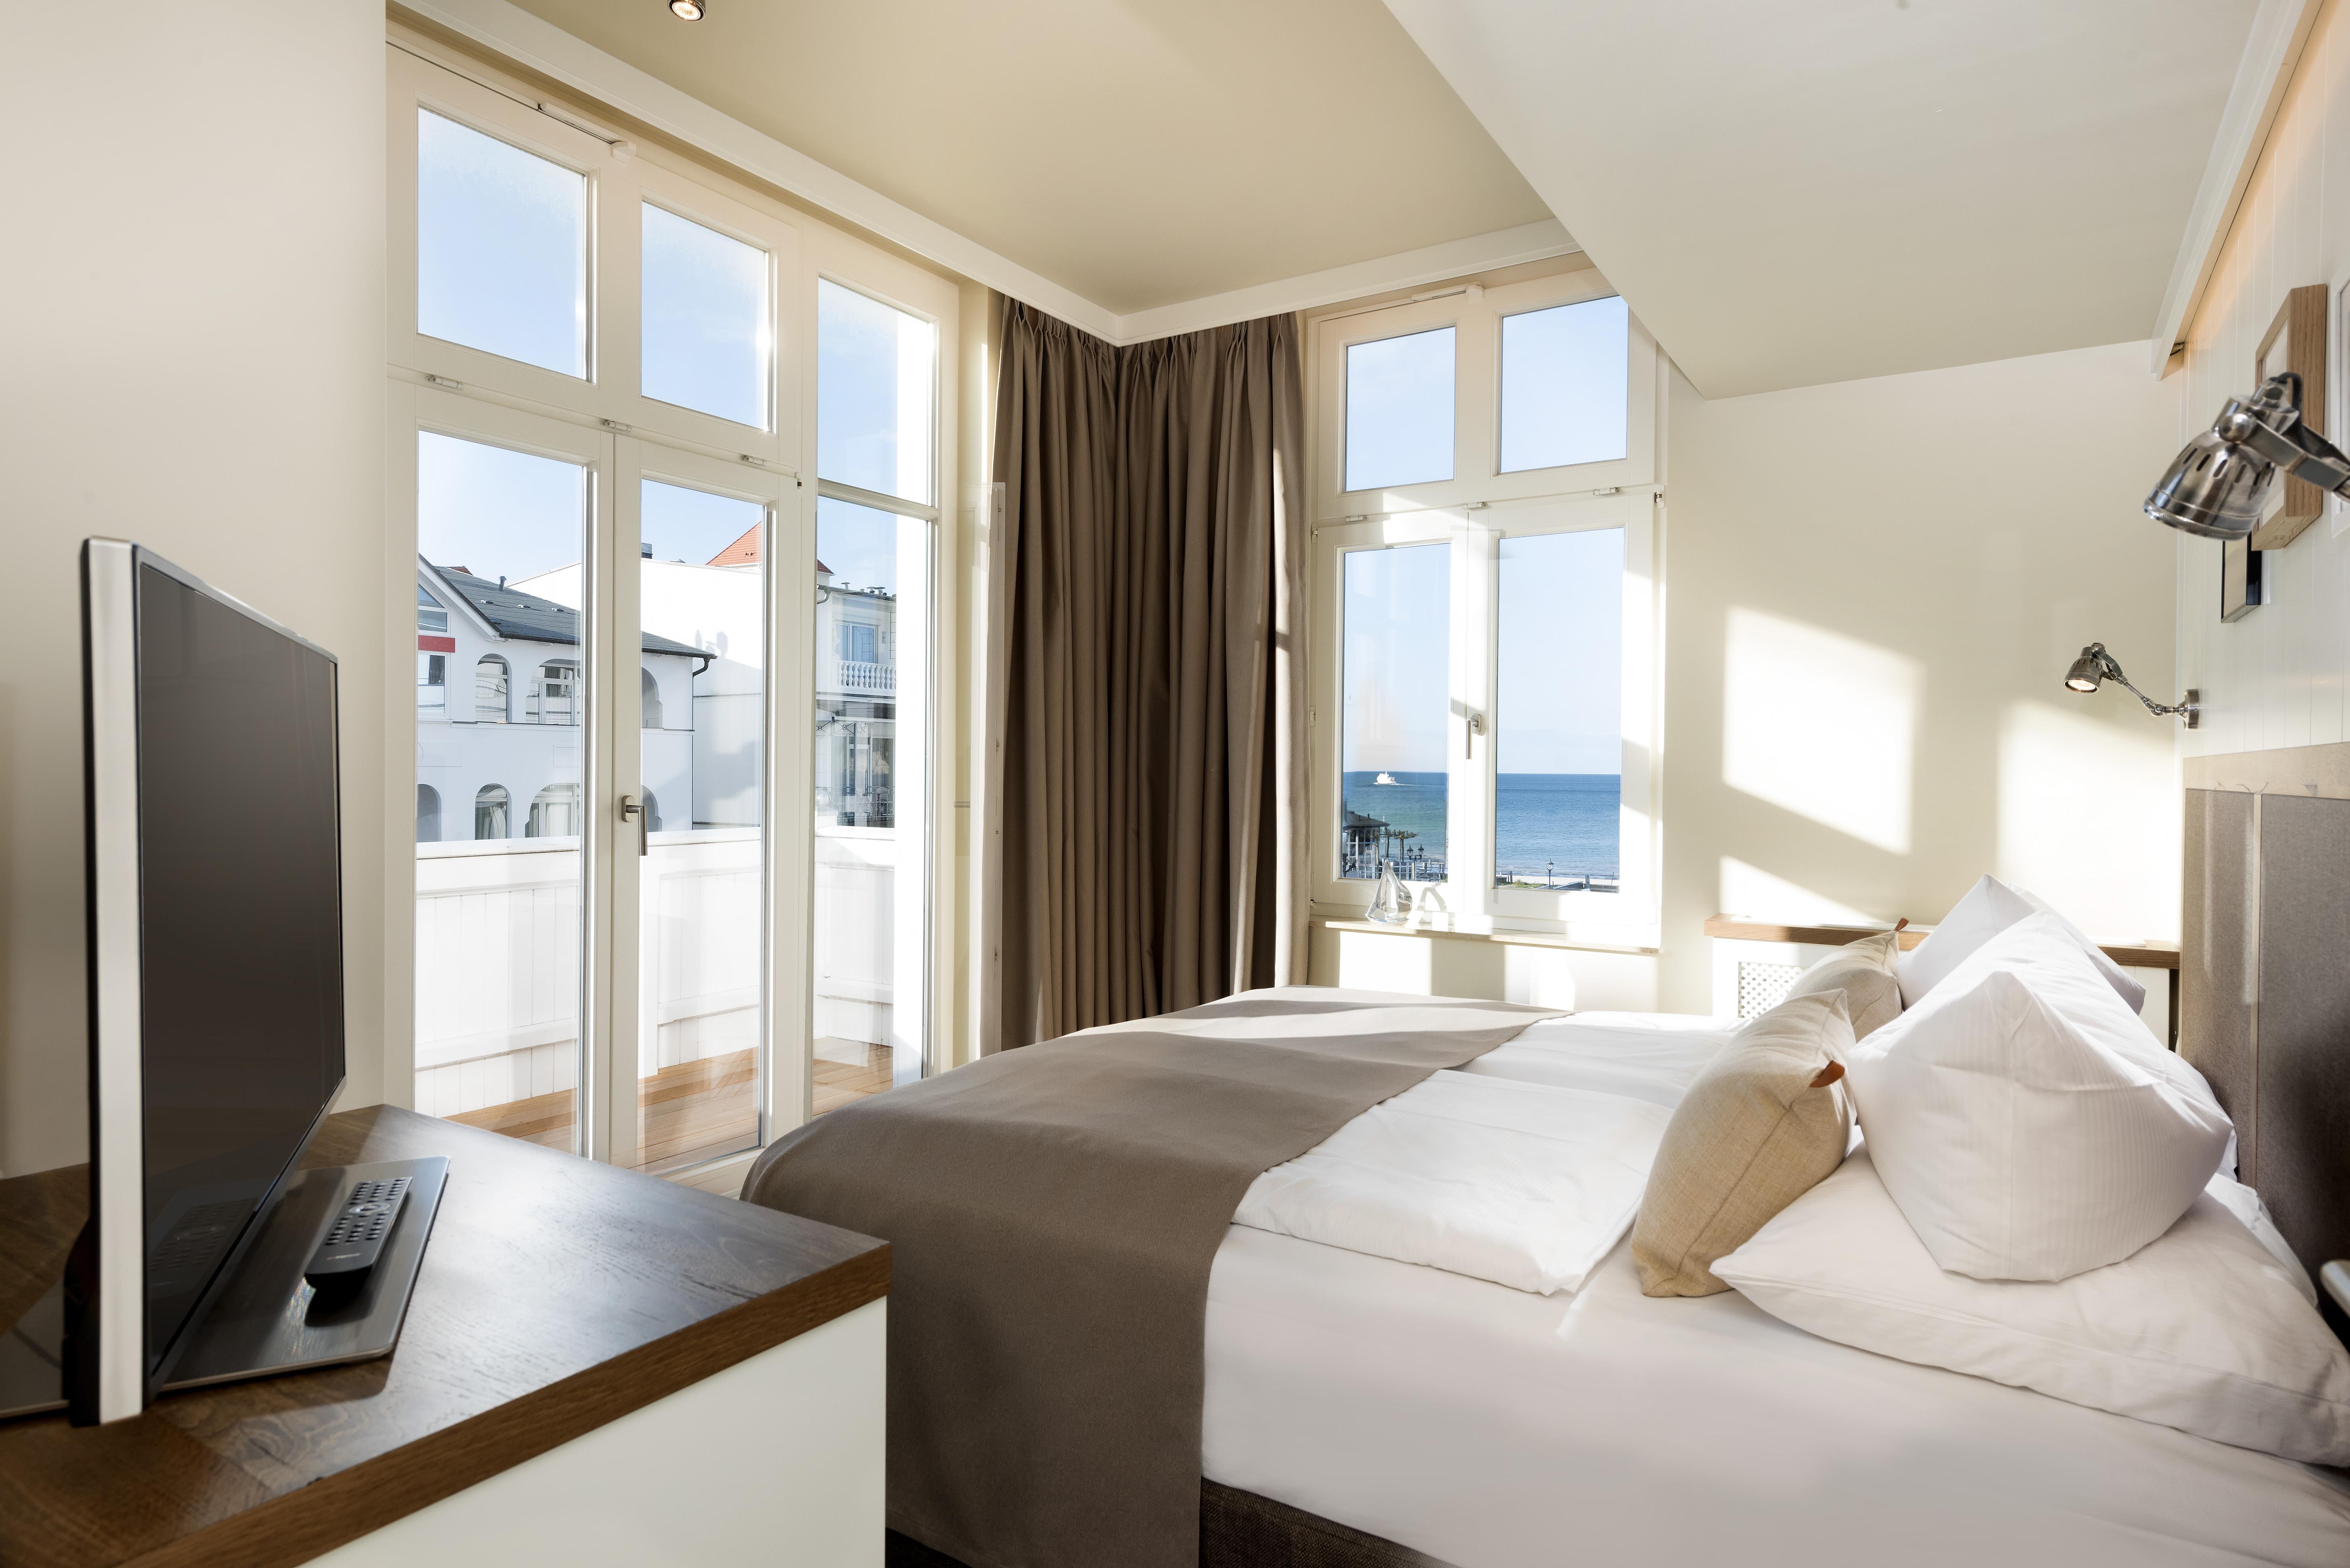 Hotelzimmer mit Blick auf die Ostsee